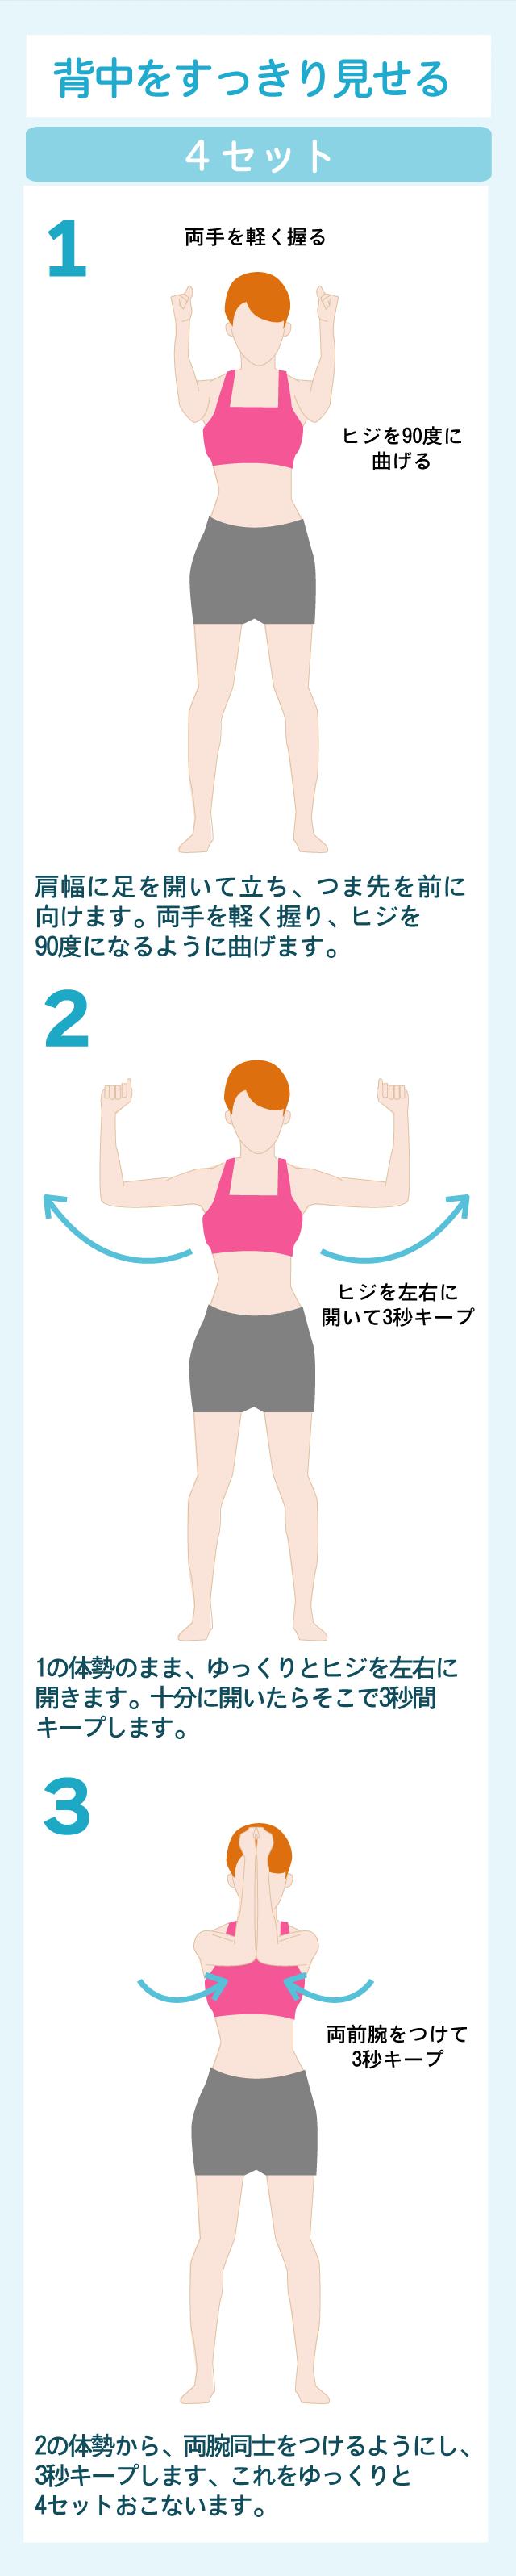 すっきり背中を実現するトレーニング